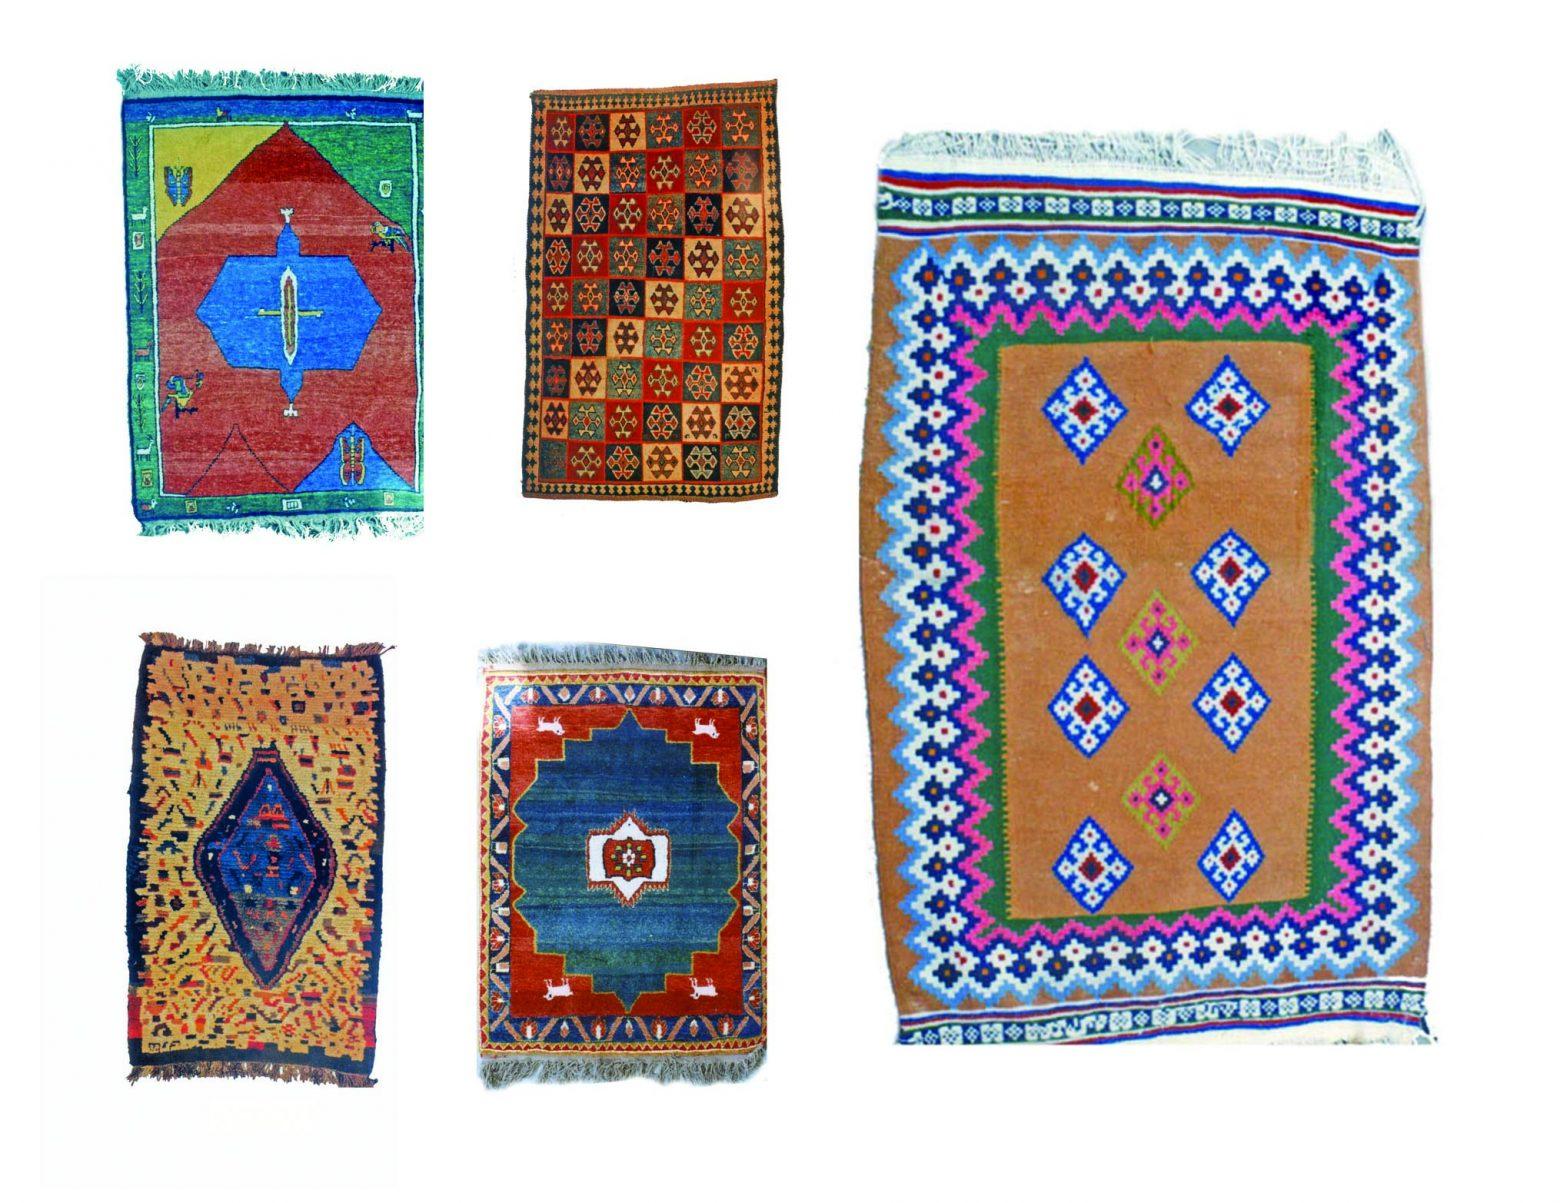 گبه4 1560x1203 - دستبافت روستایی،ایلیاتی،صنایع دستی نقوش هندسی